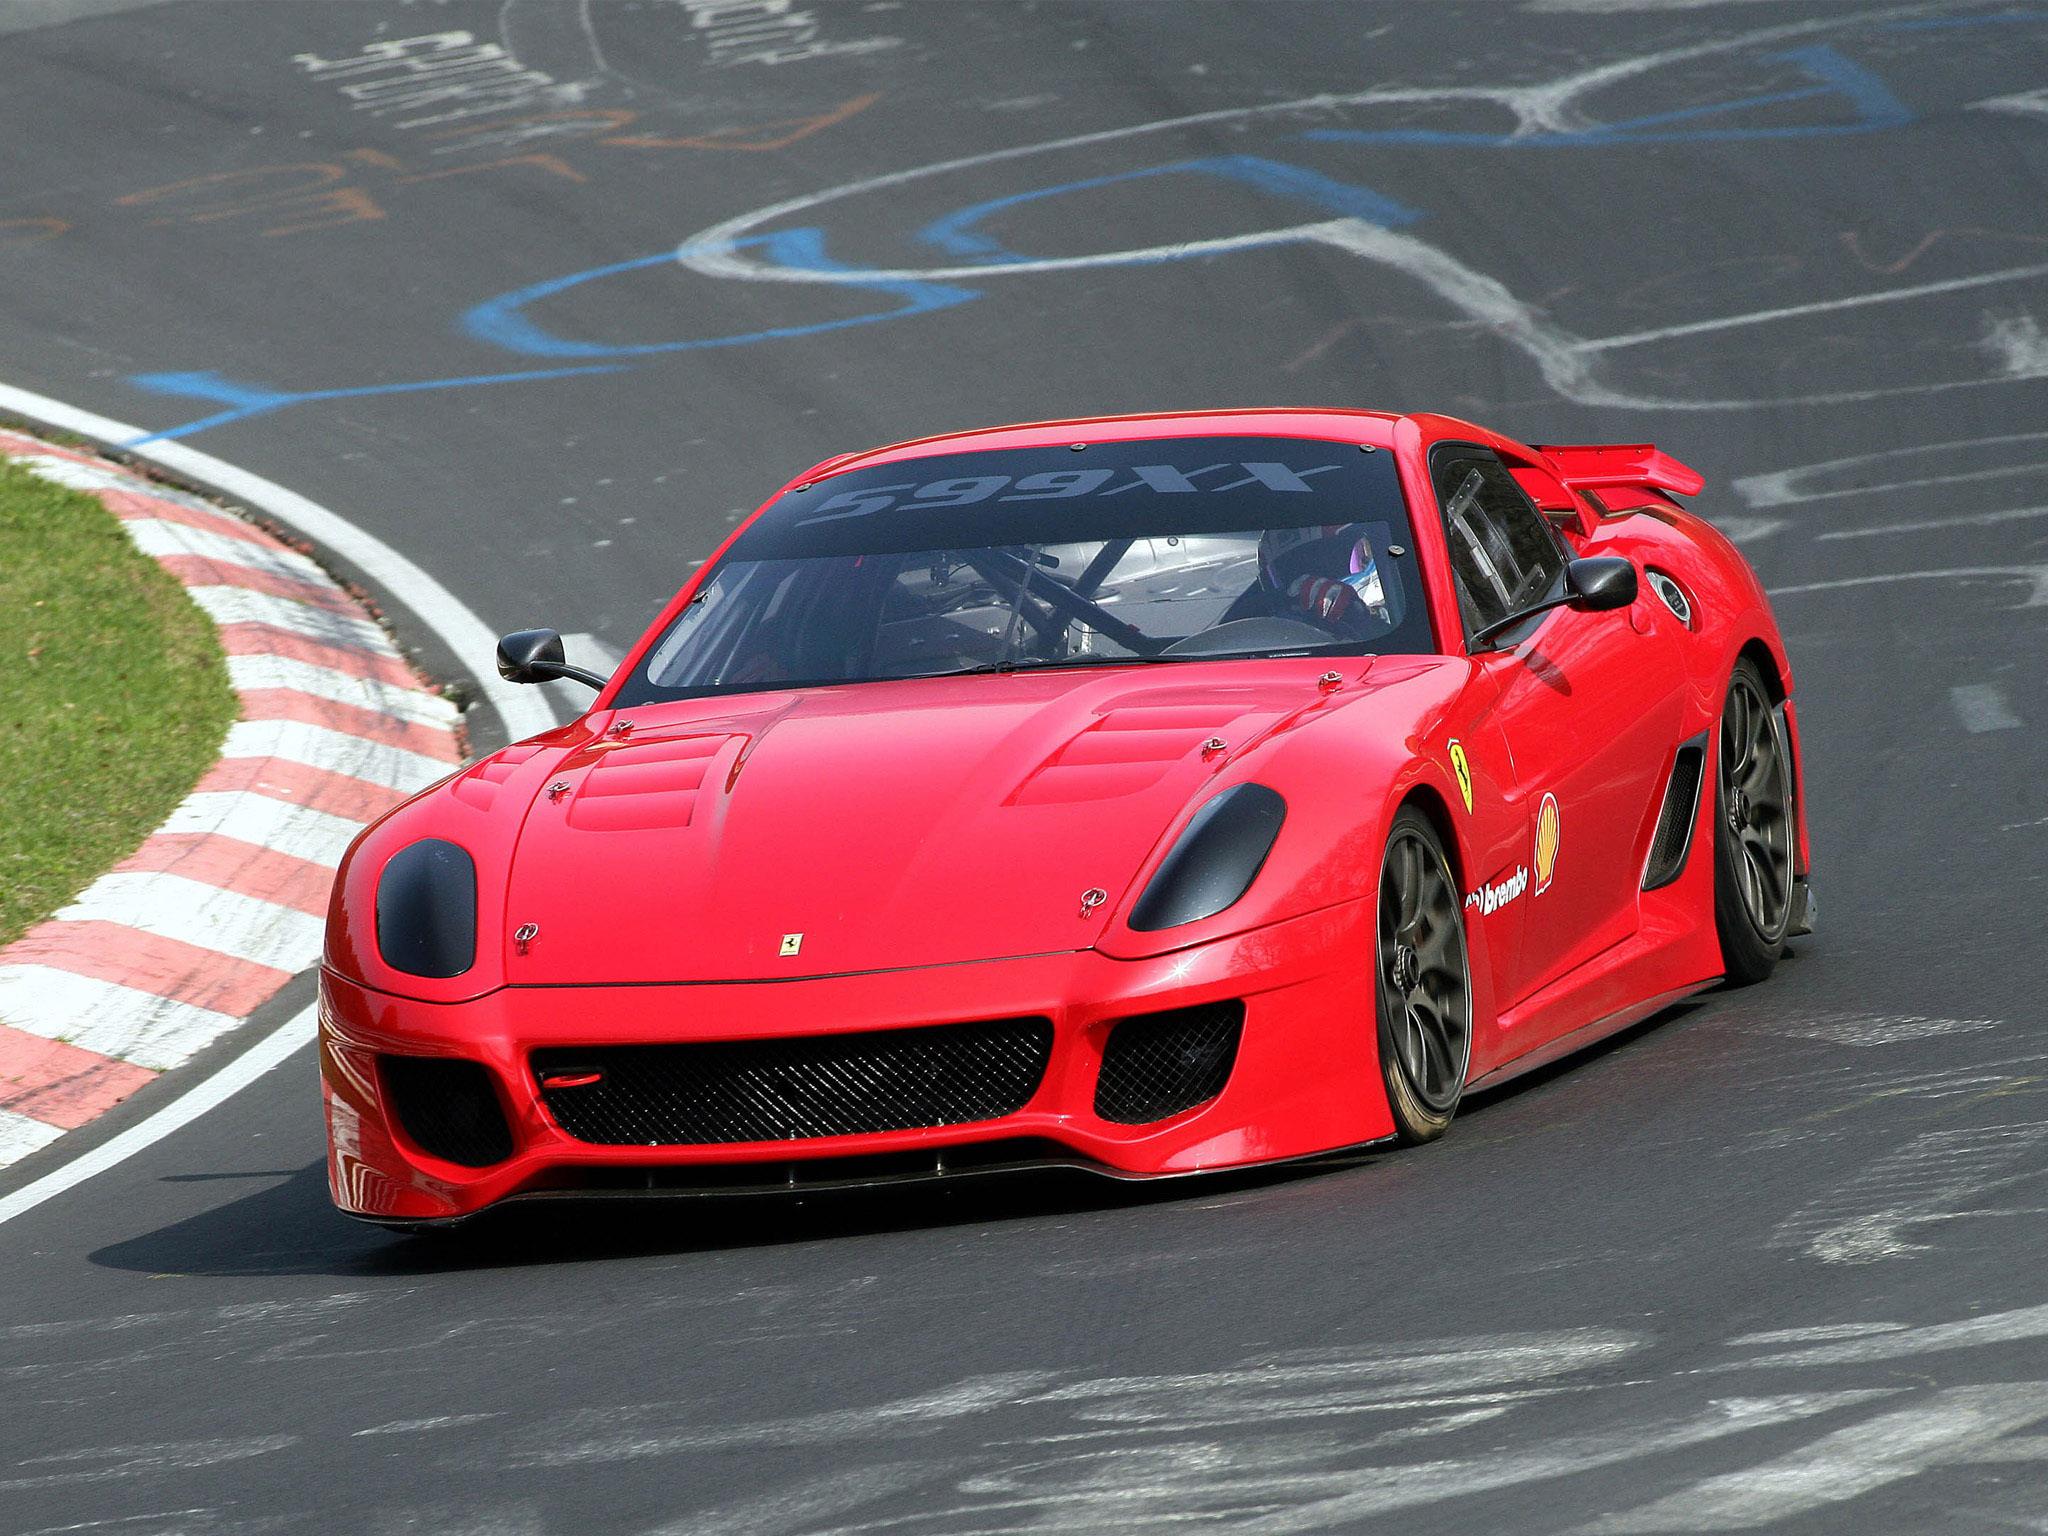 С его помощью ff способен набирать 100 км/ч за 3,7 секунды, а его максимальная скорость составляет